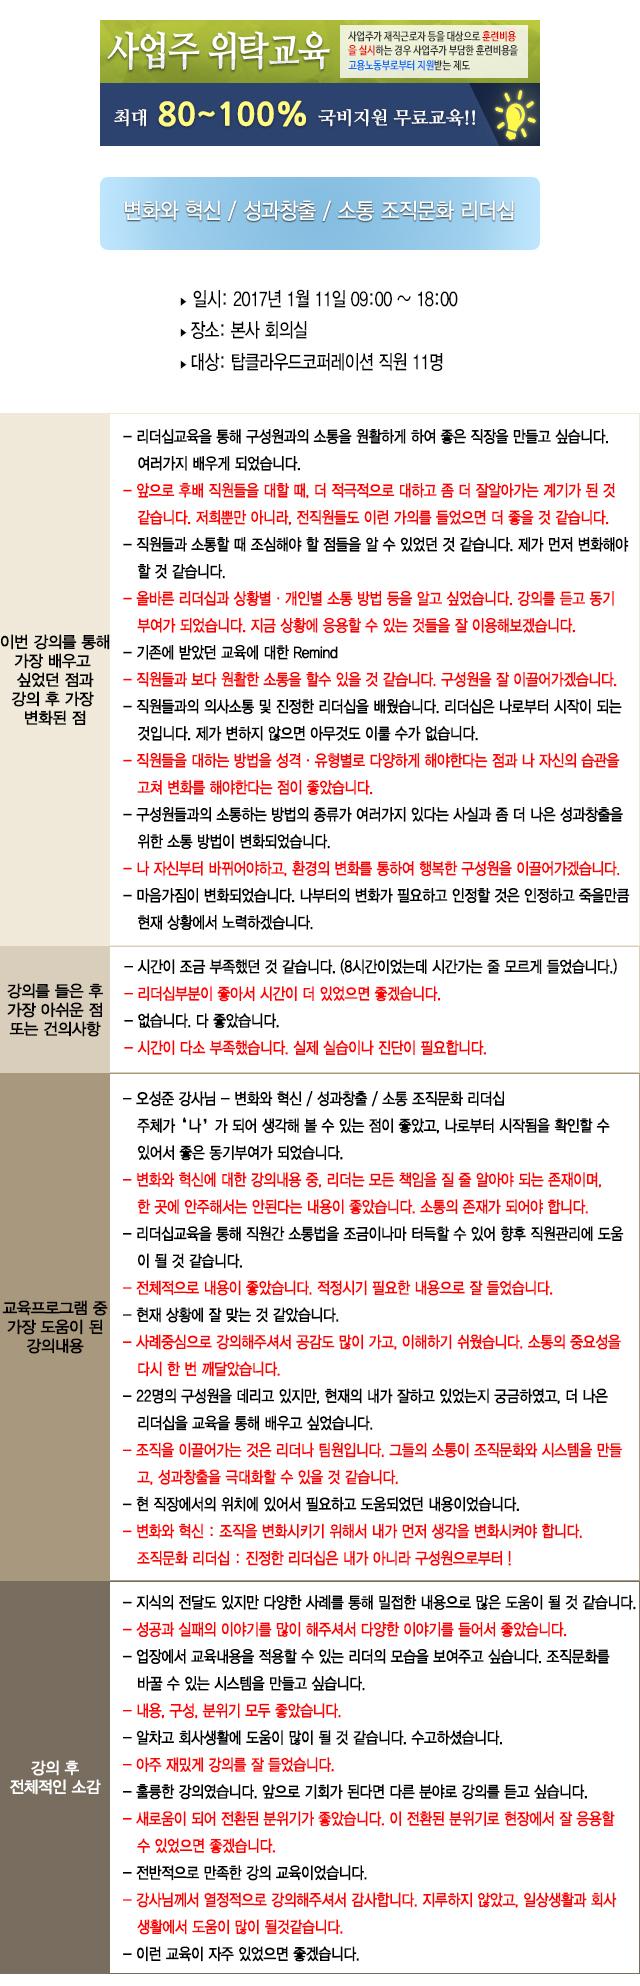 한국중앙인재개발원 후기 탑클라우드코퍼레이션.jpg